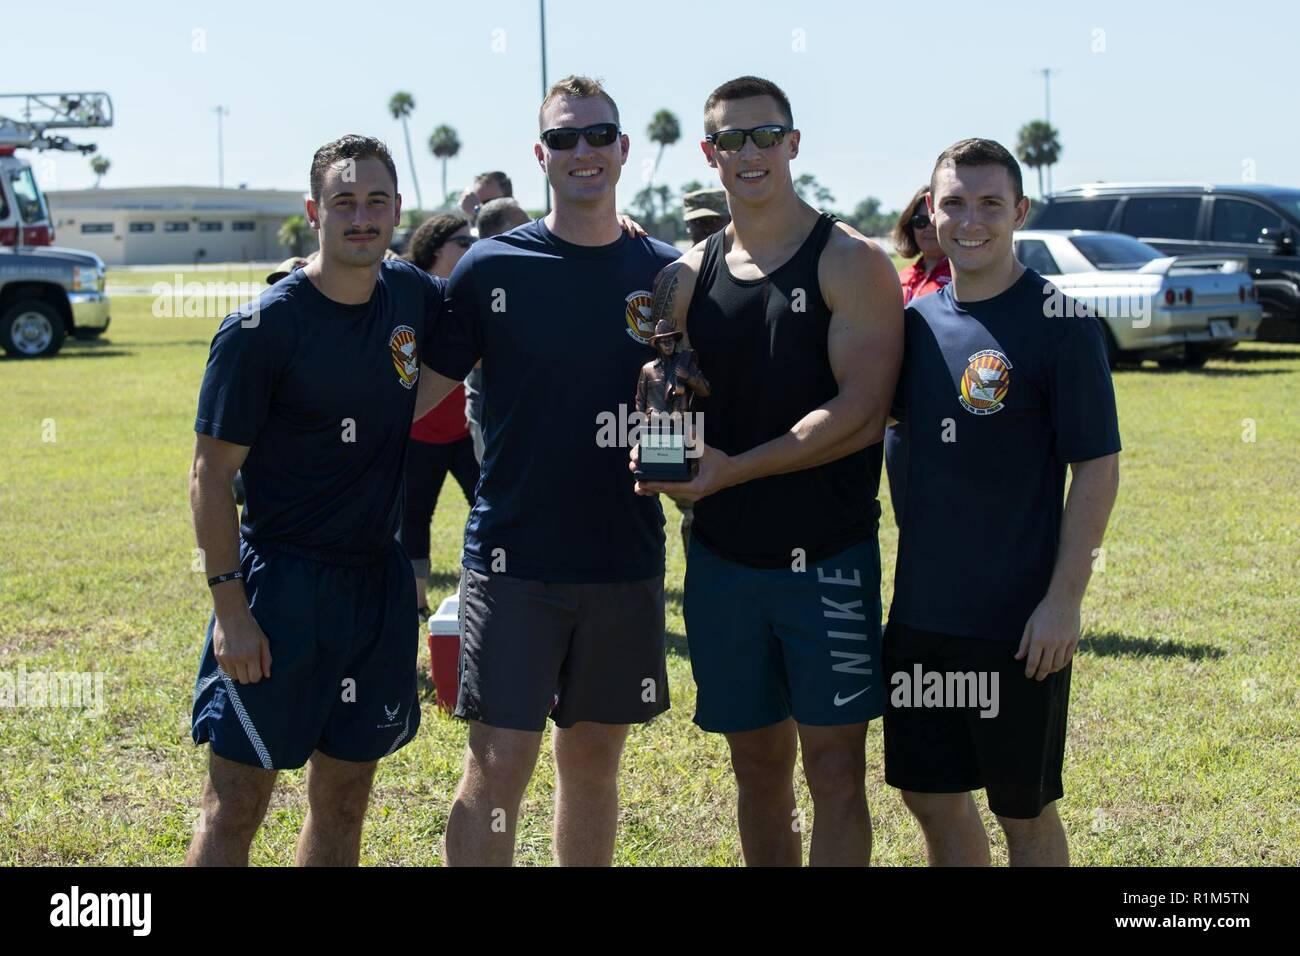 Lincendie 2018 Muster Equipe Gagnante Du 6e Escadron Passation De Pause Pour Une Photo